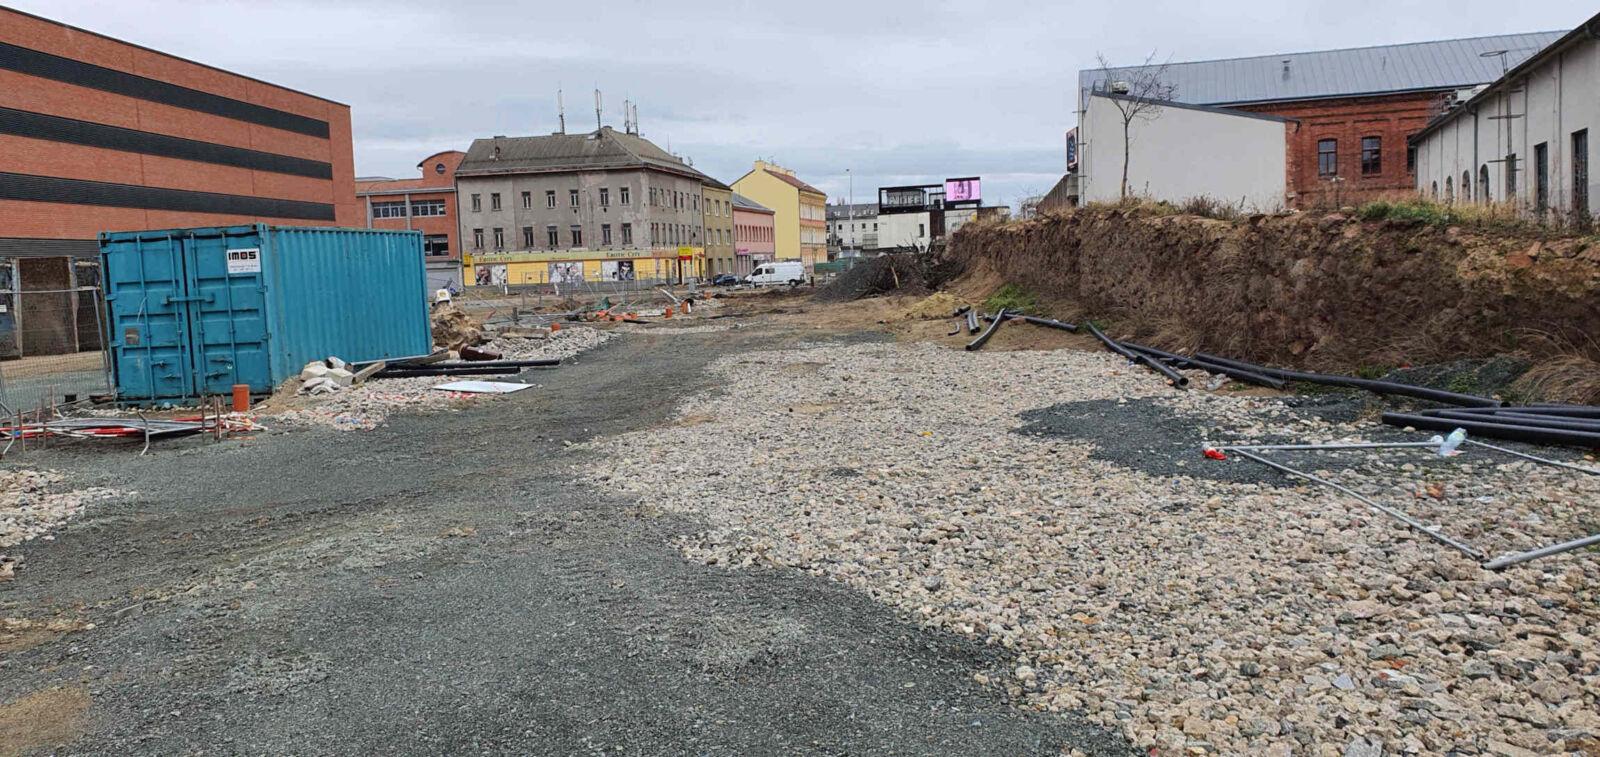 Železniční násep u Vaňkovky, únor 2020